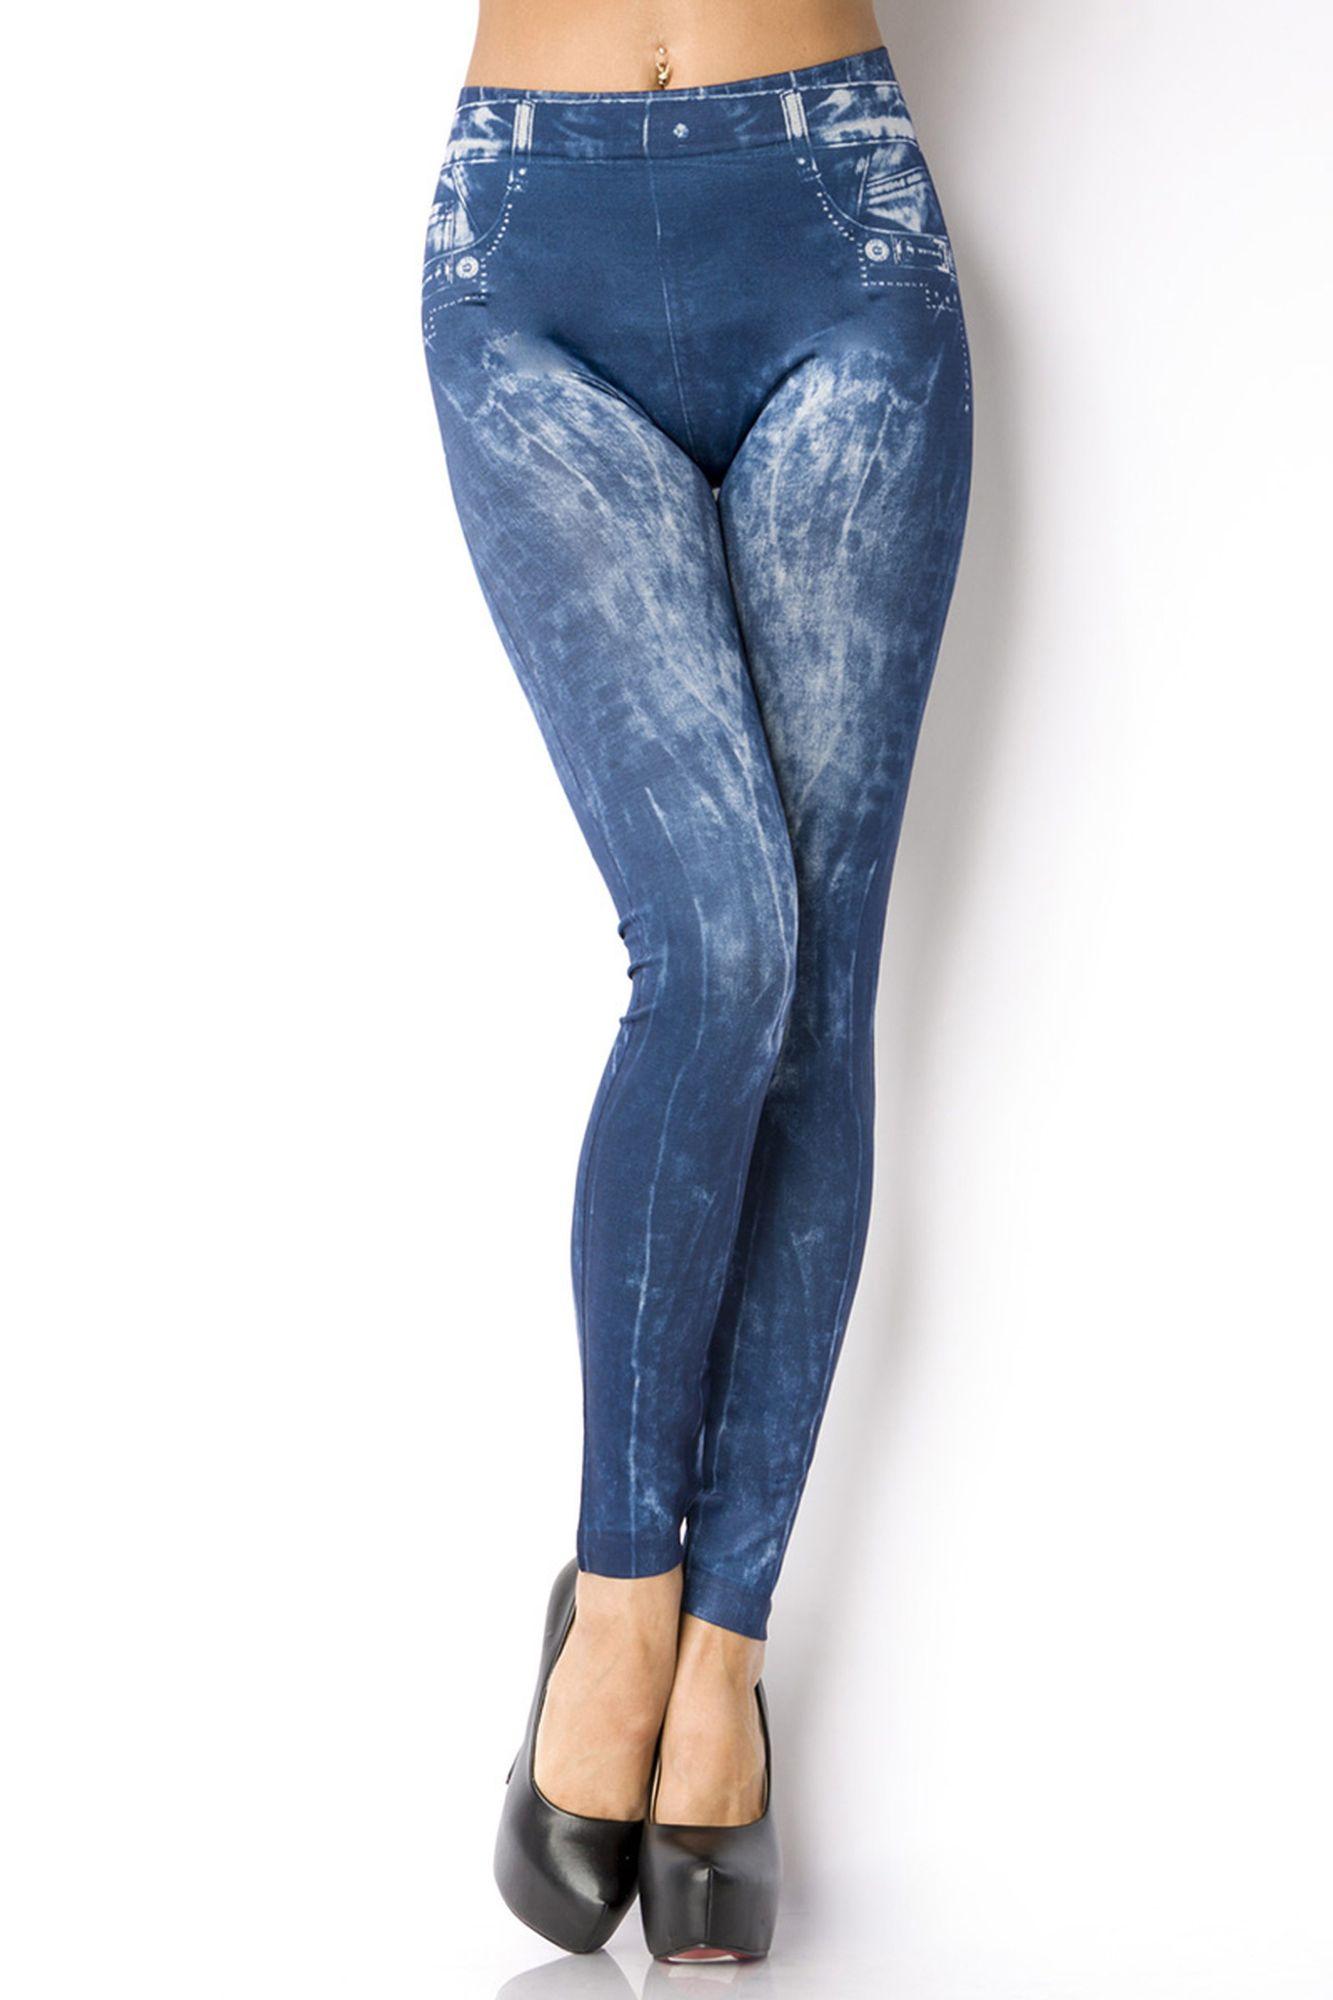 Atixo Leggings - blau